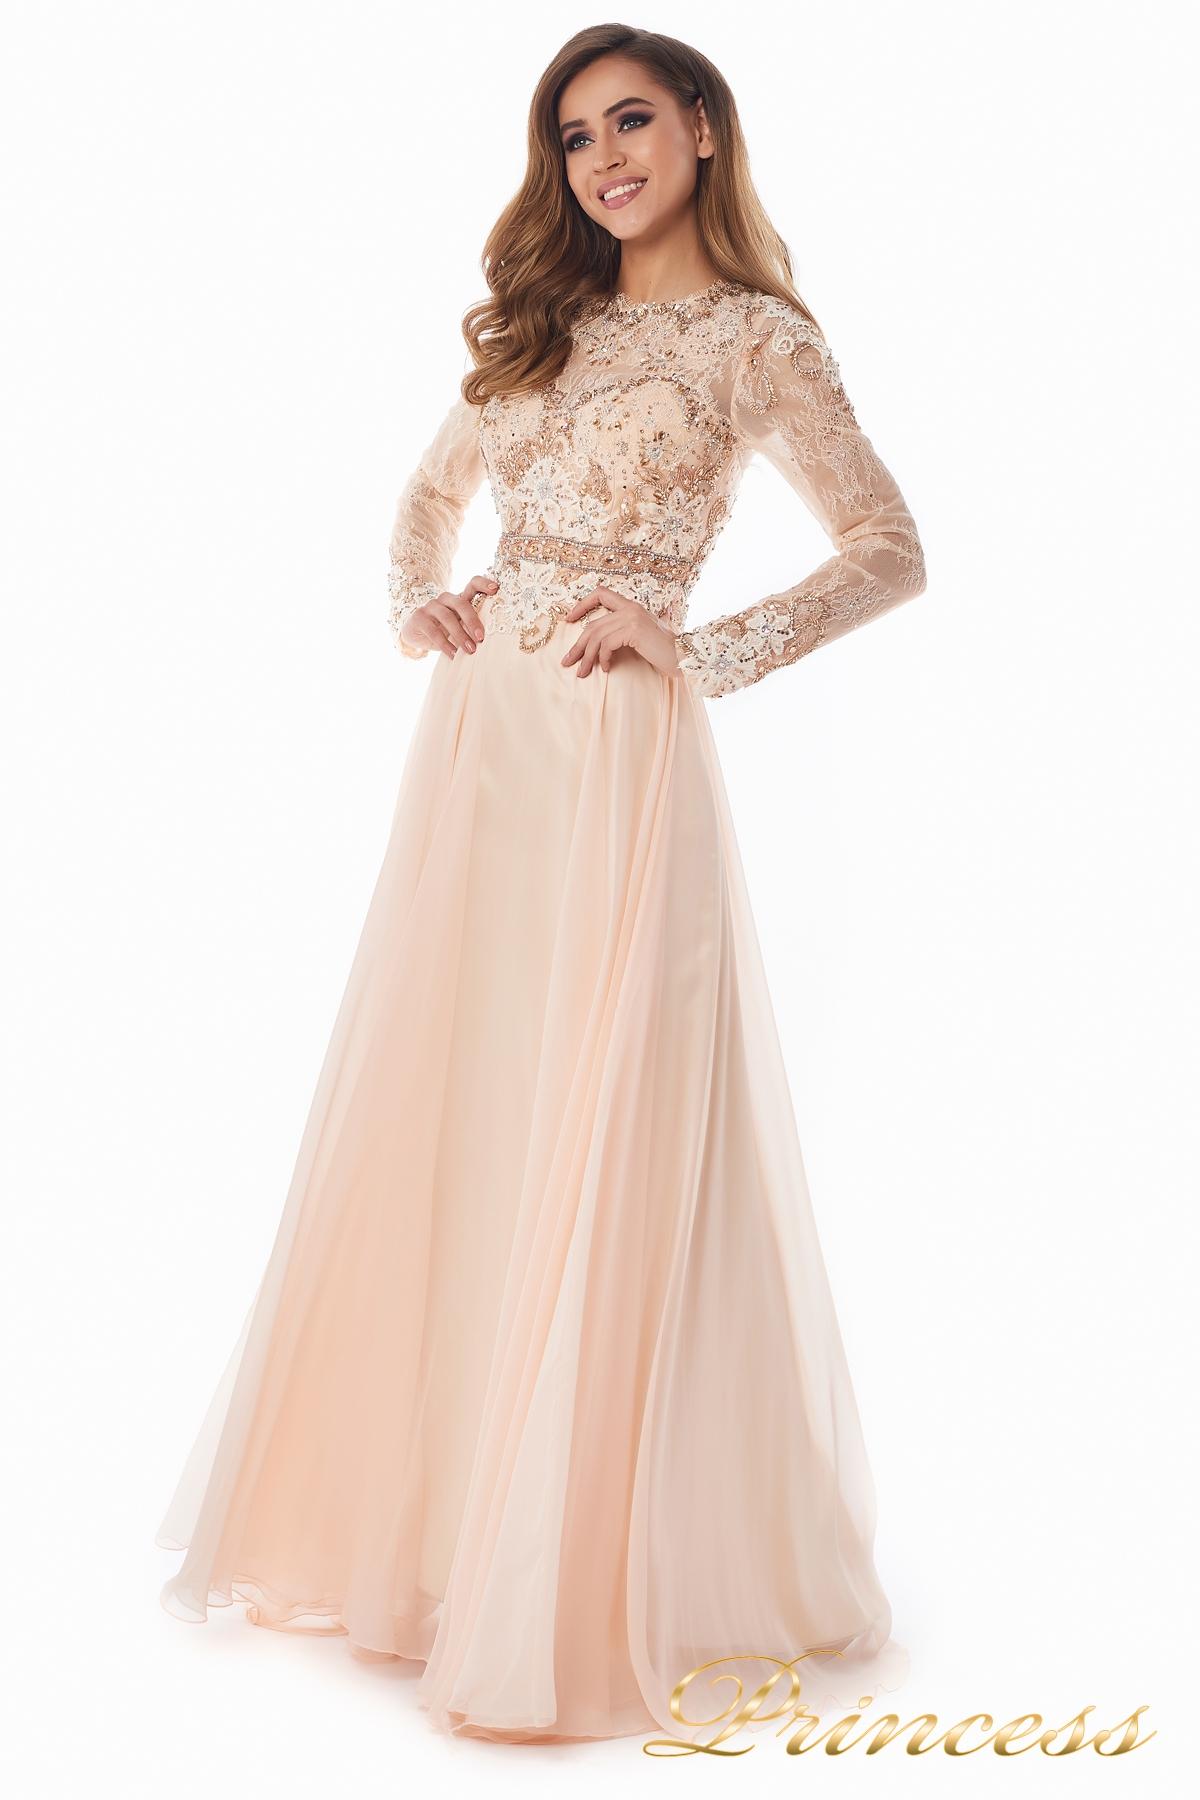 aa91ea75bfe Купить вечернее платье 2853 персикового цвета по цене 35000 руб. в ...